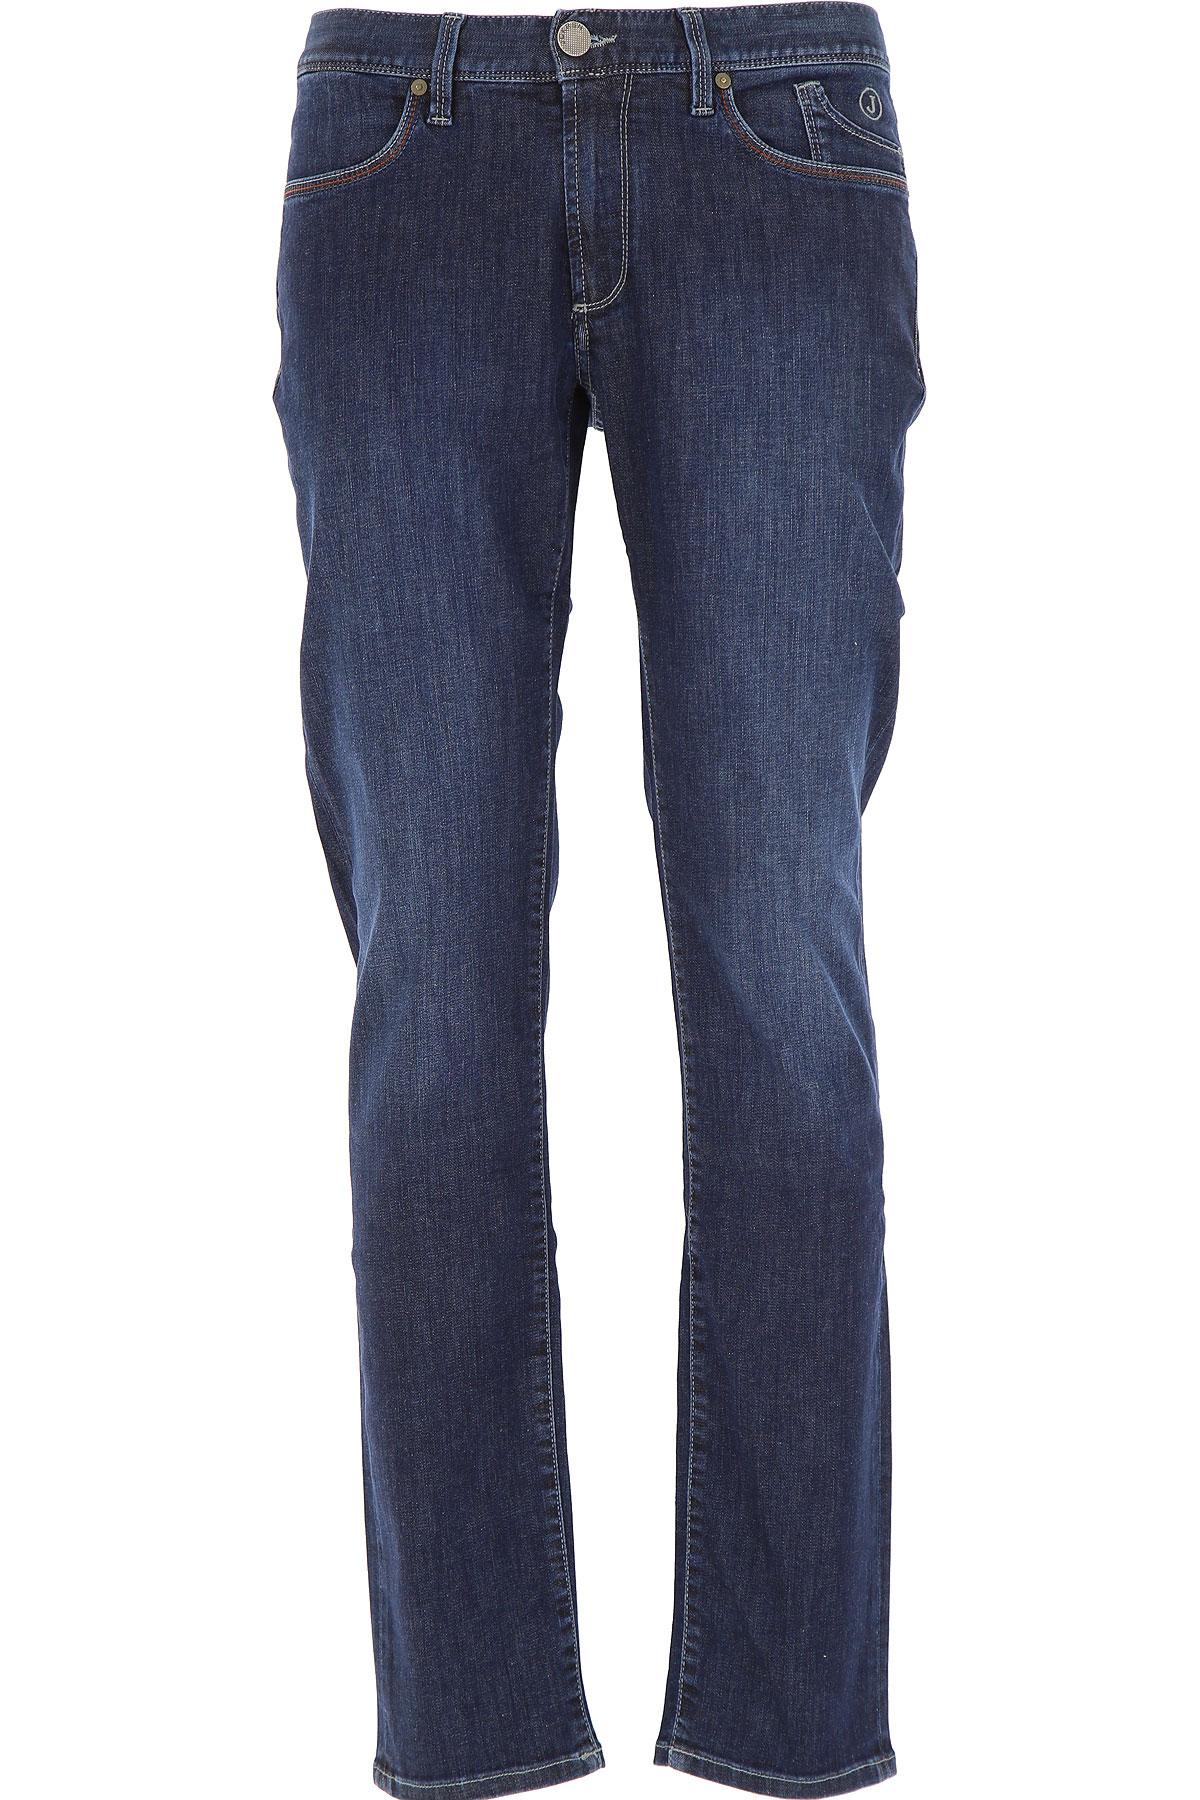 Jeckerson Jeans, Dark Blue, Cotton, 2019, 31 33